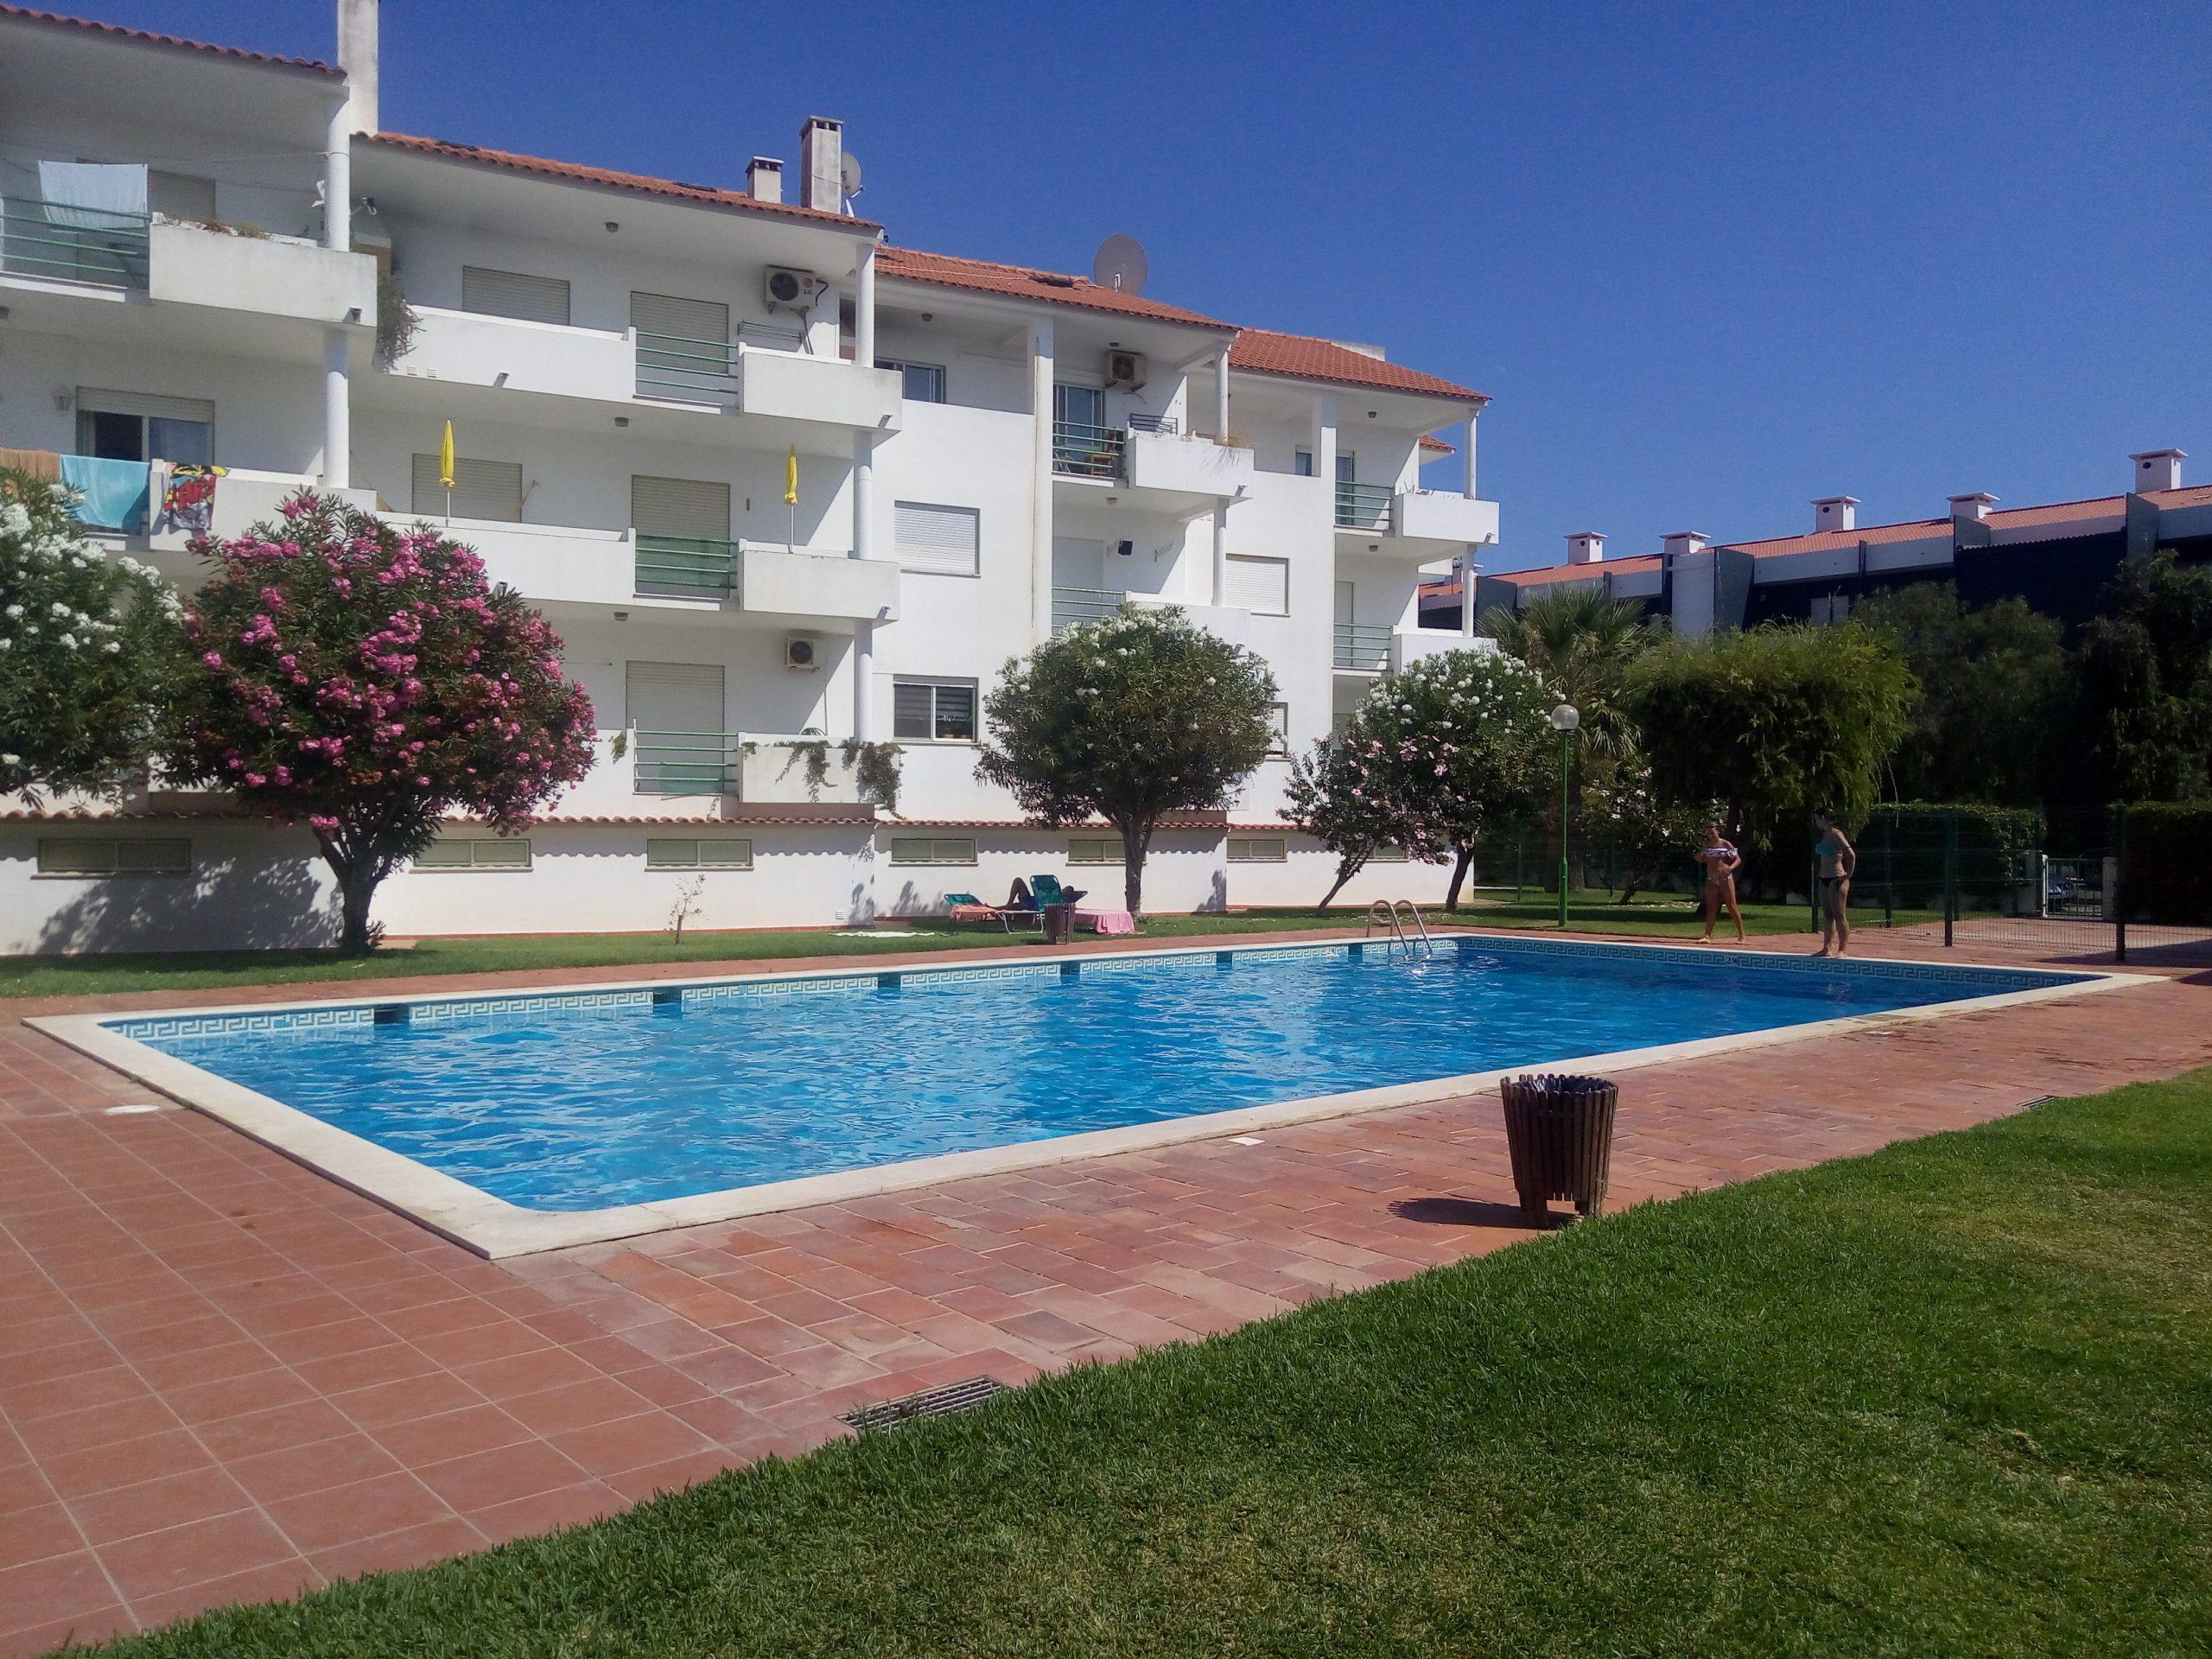 Holiday apartments and villas for rent, Apartamento 4 pessoas à beira mar com piscina Albufeira in Albufeira, Portugal Algarve, REF_IMG_15094_15098